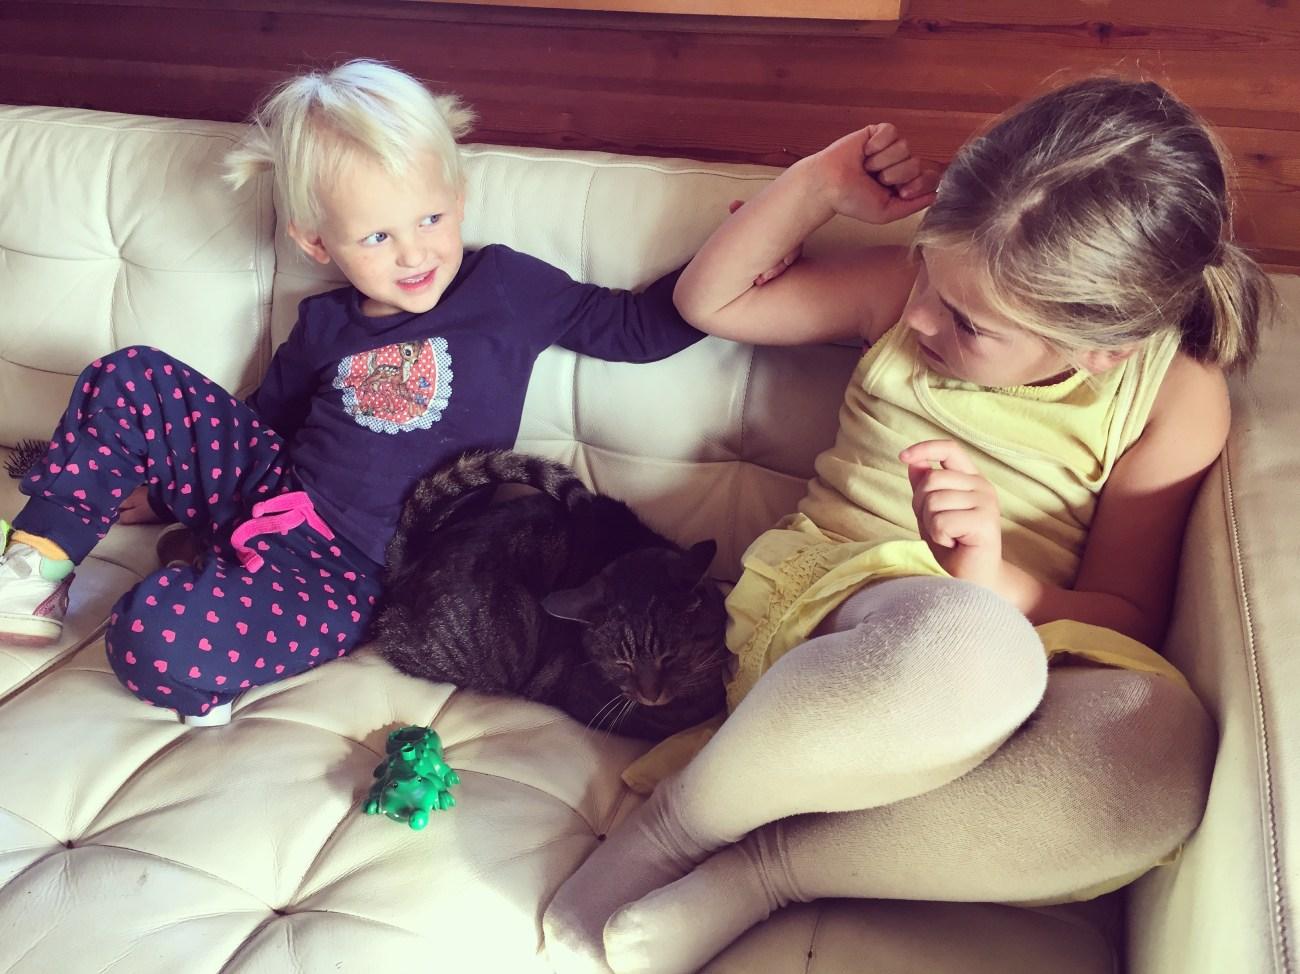 Na het MUKI-turnen en de boodschappen kwam Eva thuis. Konden ze lekker gaan ruzie maken over die kat mocht aaien.